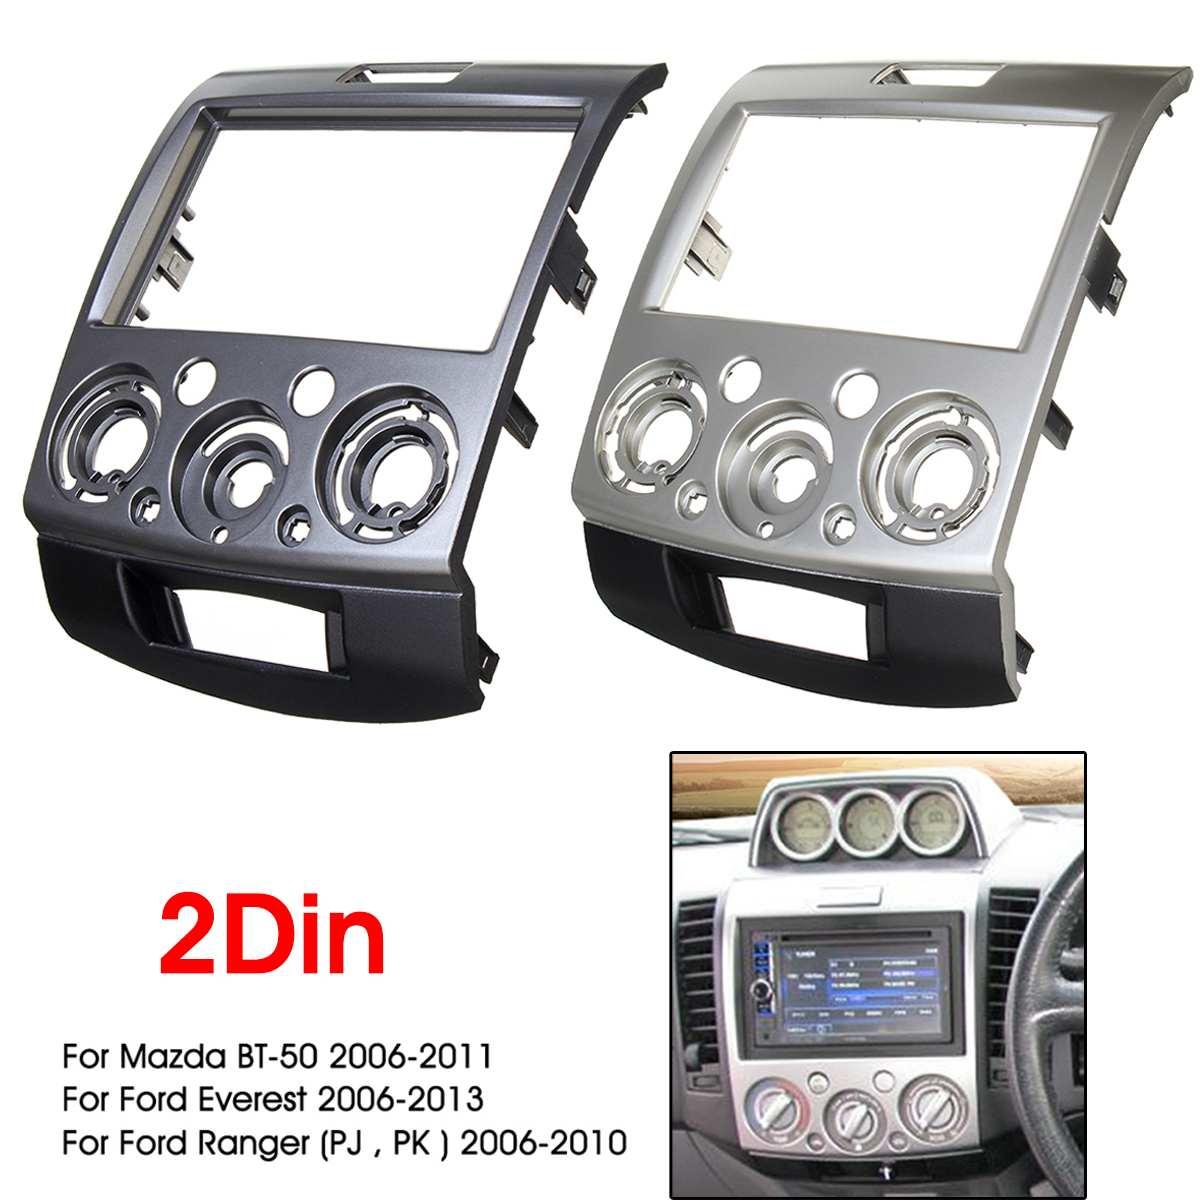 CT24FD40 Double Din Fascia Surround Trim Noir Pour Ford Focus 2004-2007